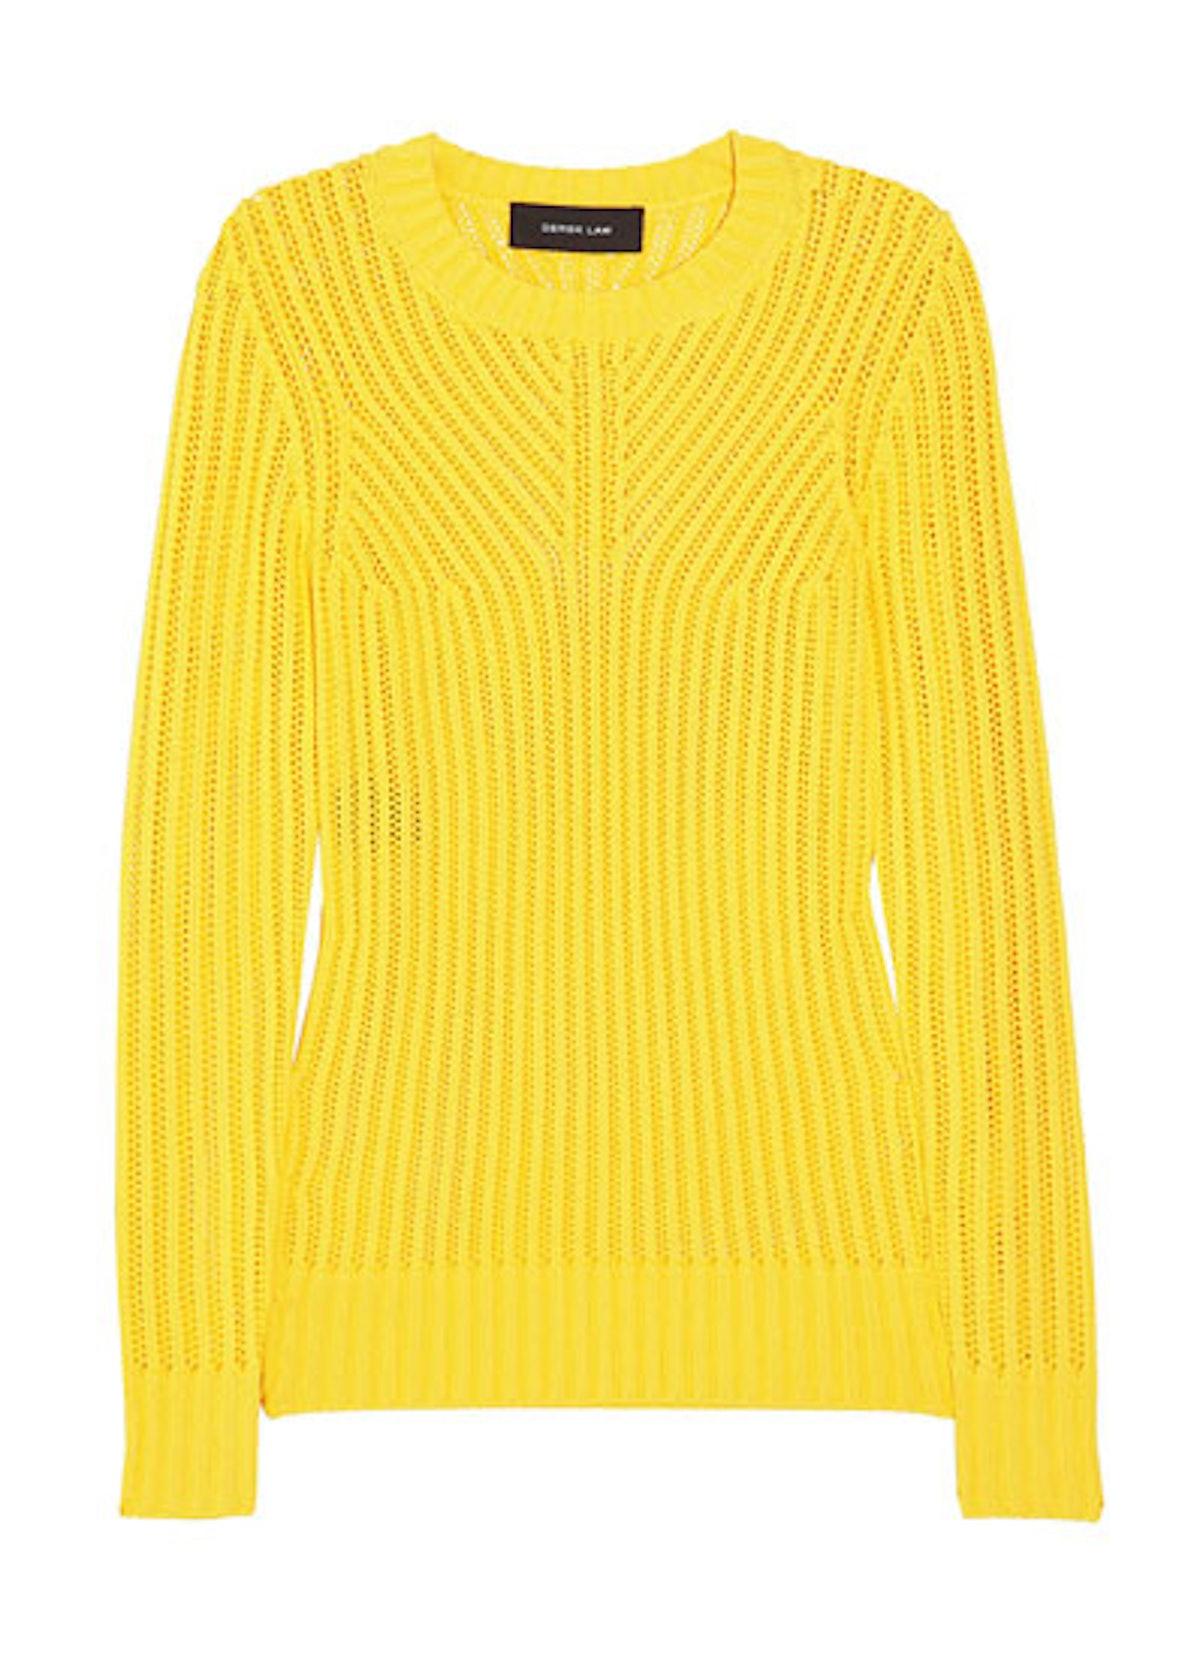 fass-activewear-05-v.jpg